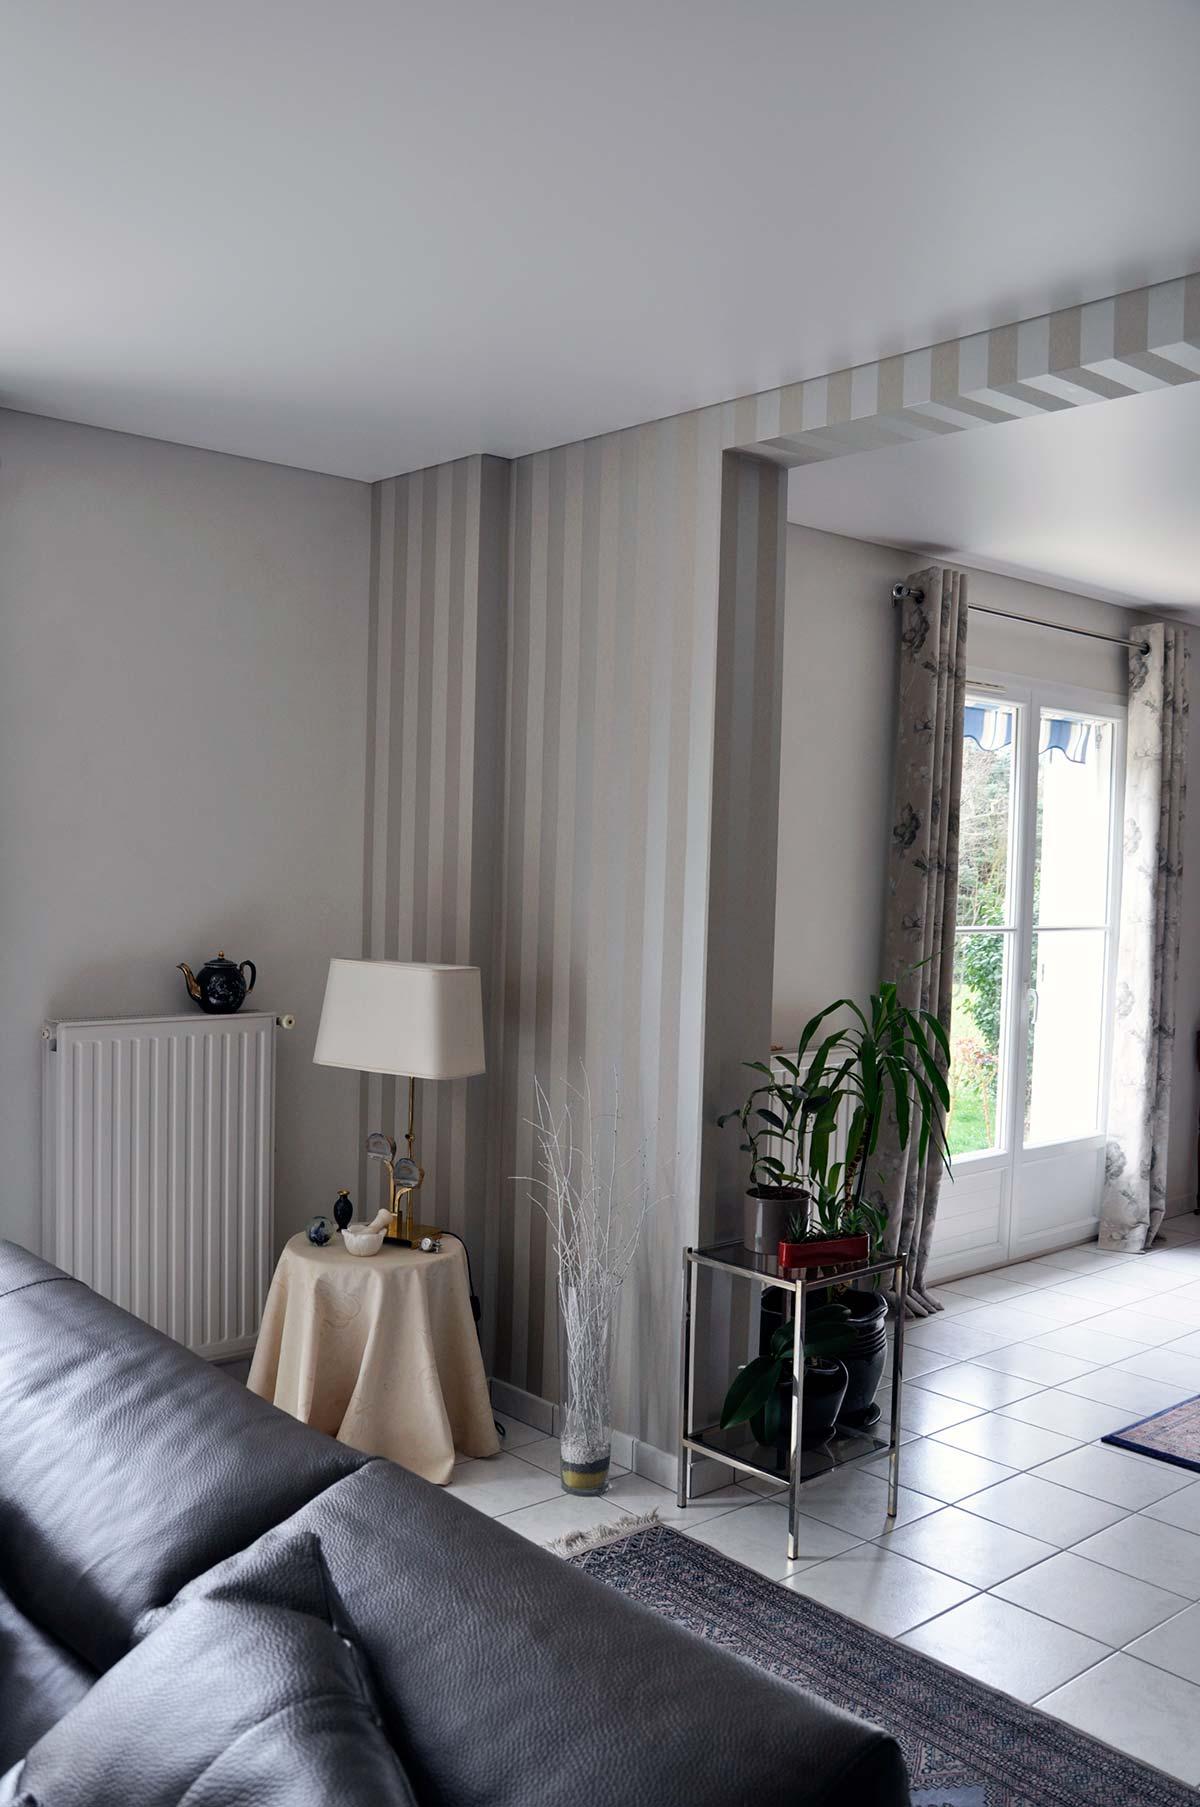 Papier Peint Plafond Tendu Duchesne Decors Peintre Decorateur A